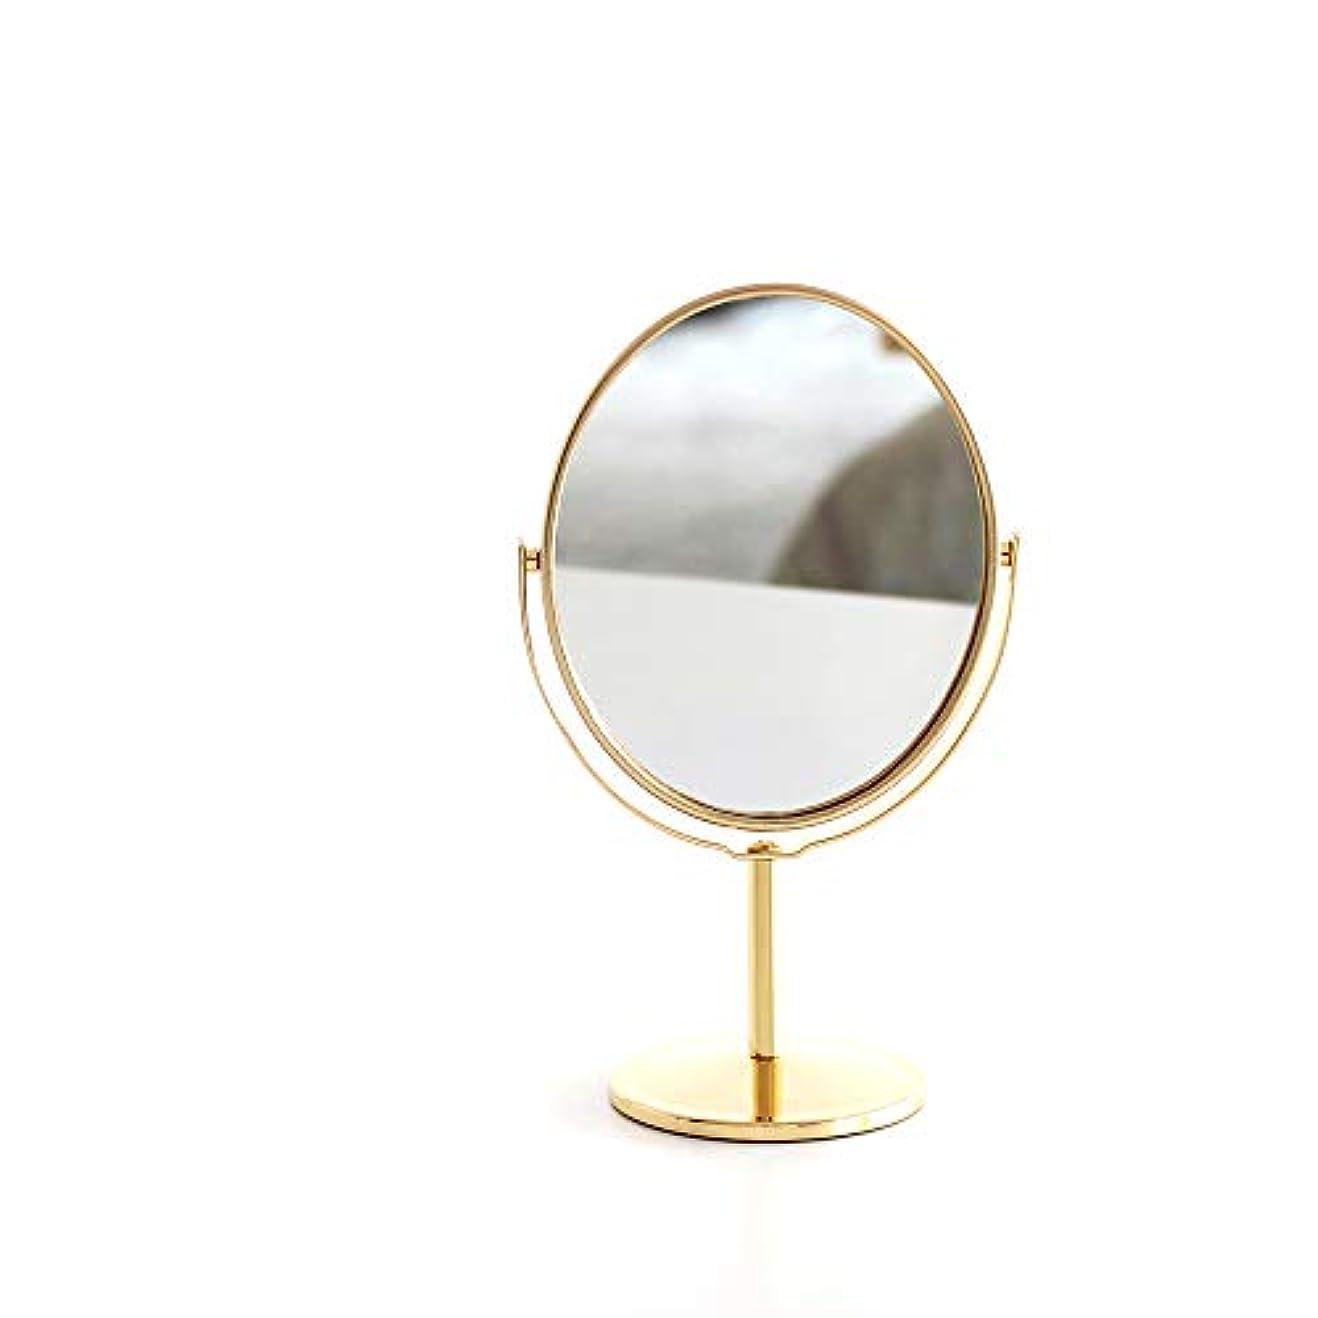 高齢者アリ名誉あるメタル両面卓上鏡 スタンドミラー 化粧鏡 拡大鏡付き 楕円ミラー 360度回転 コンパクトサイズ 10X12cm (ゴールド)